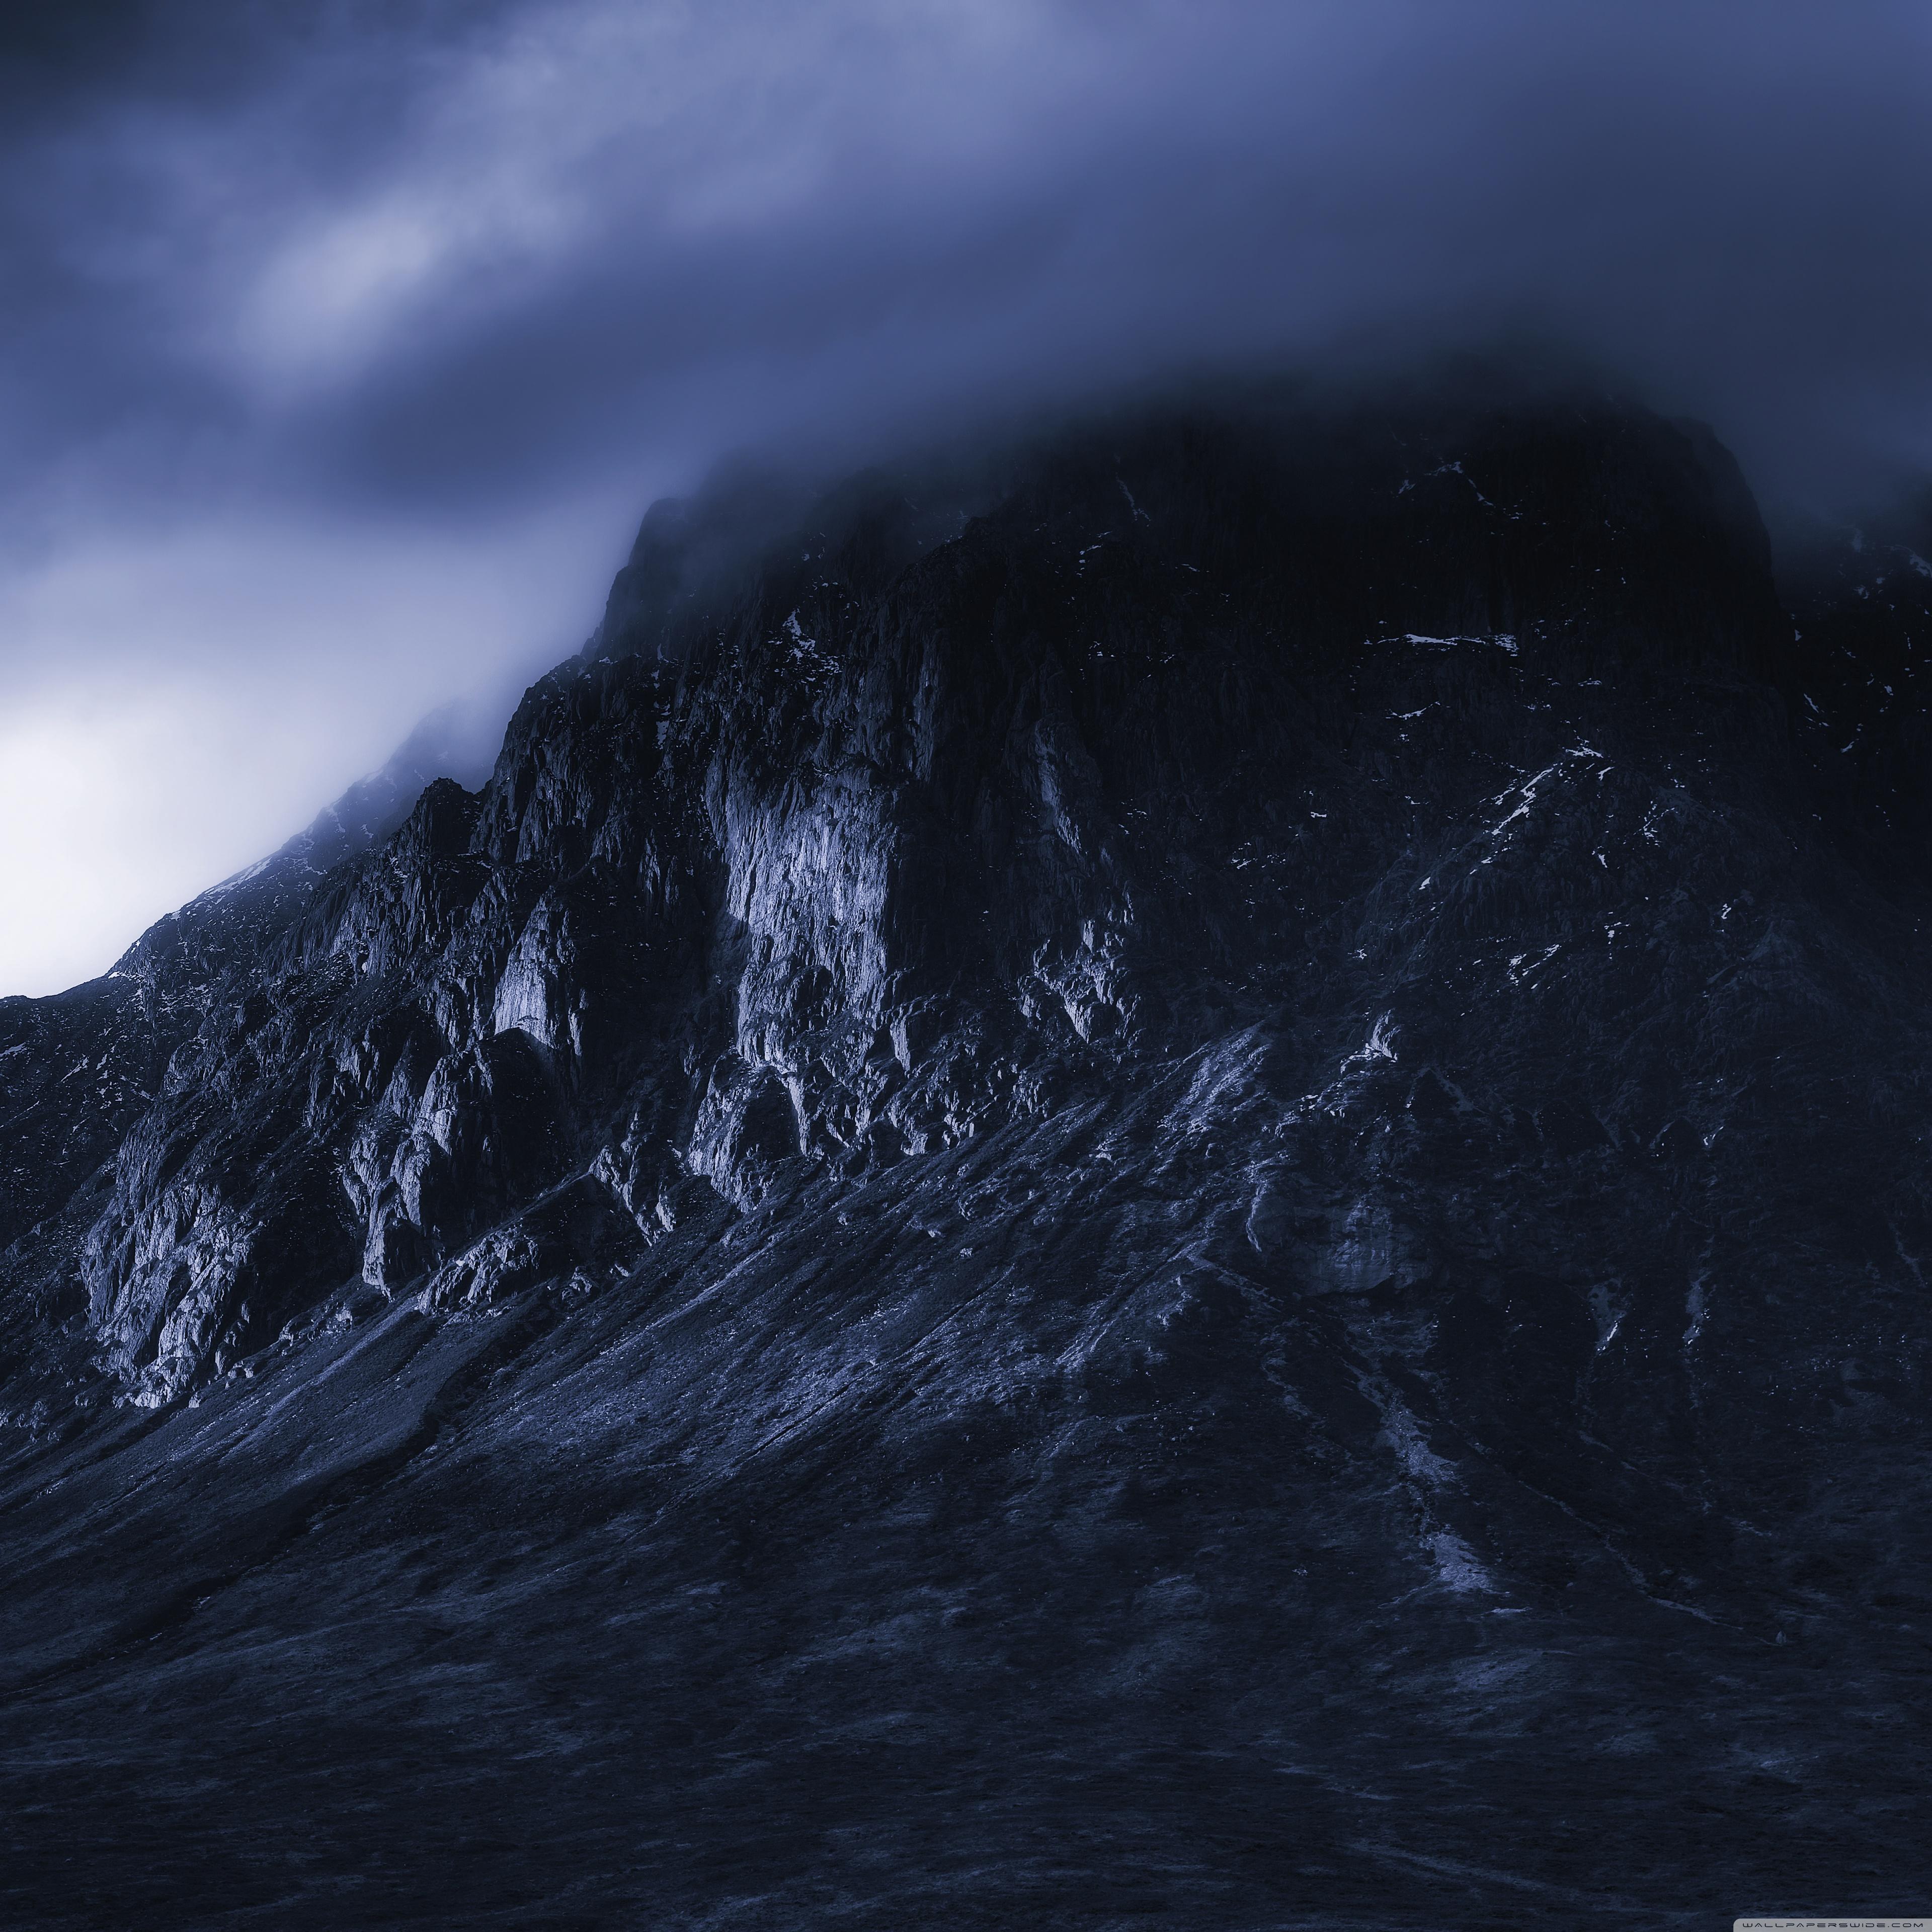 Black 4k Wallpaper Ipad 3840x3840 Wallpaper Teahub Io